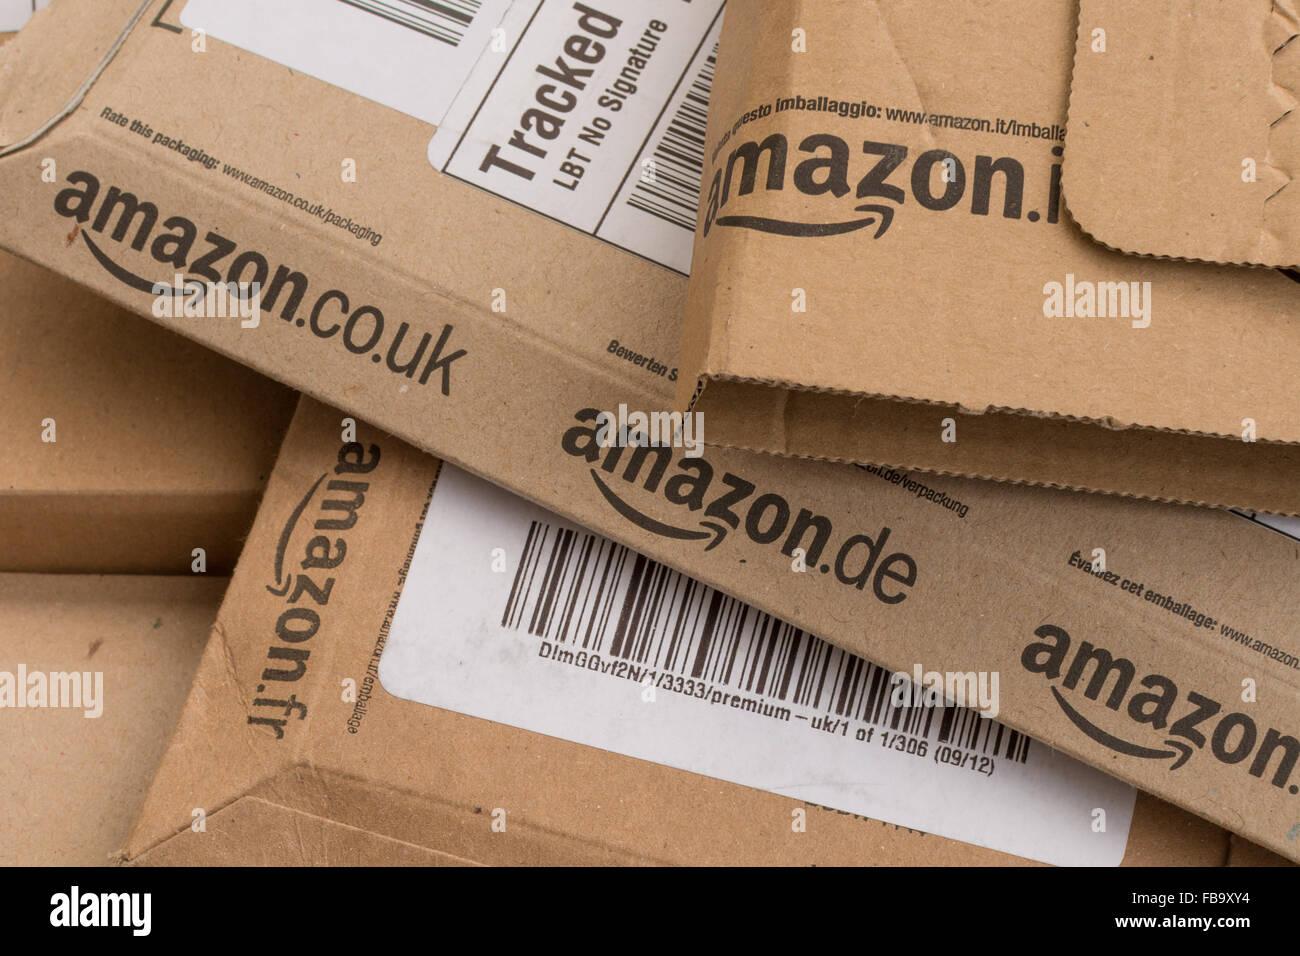 Cajas de Amazon parcelas Imagen De Stock